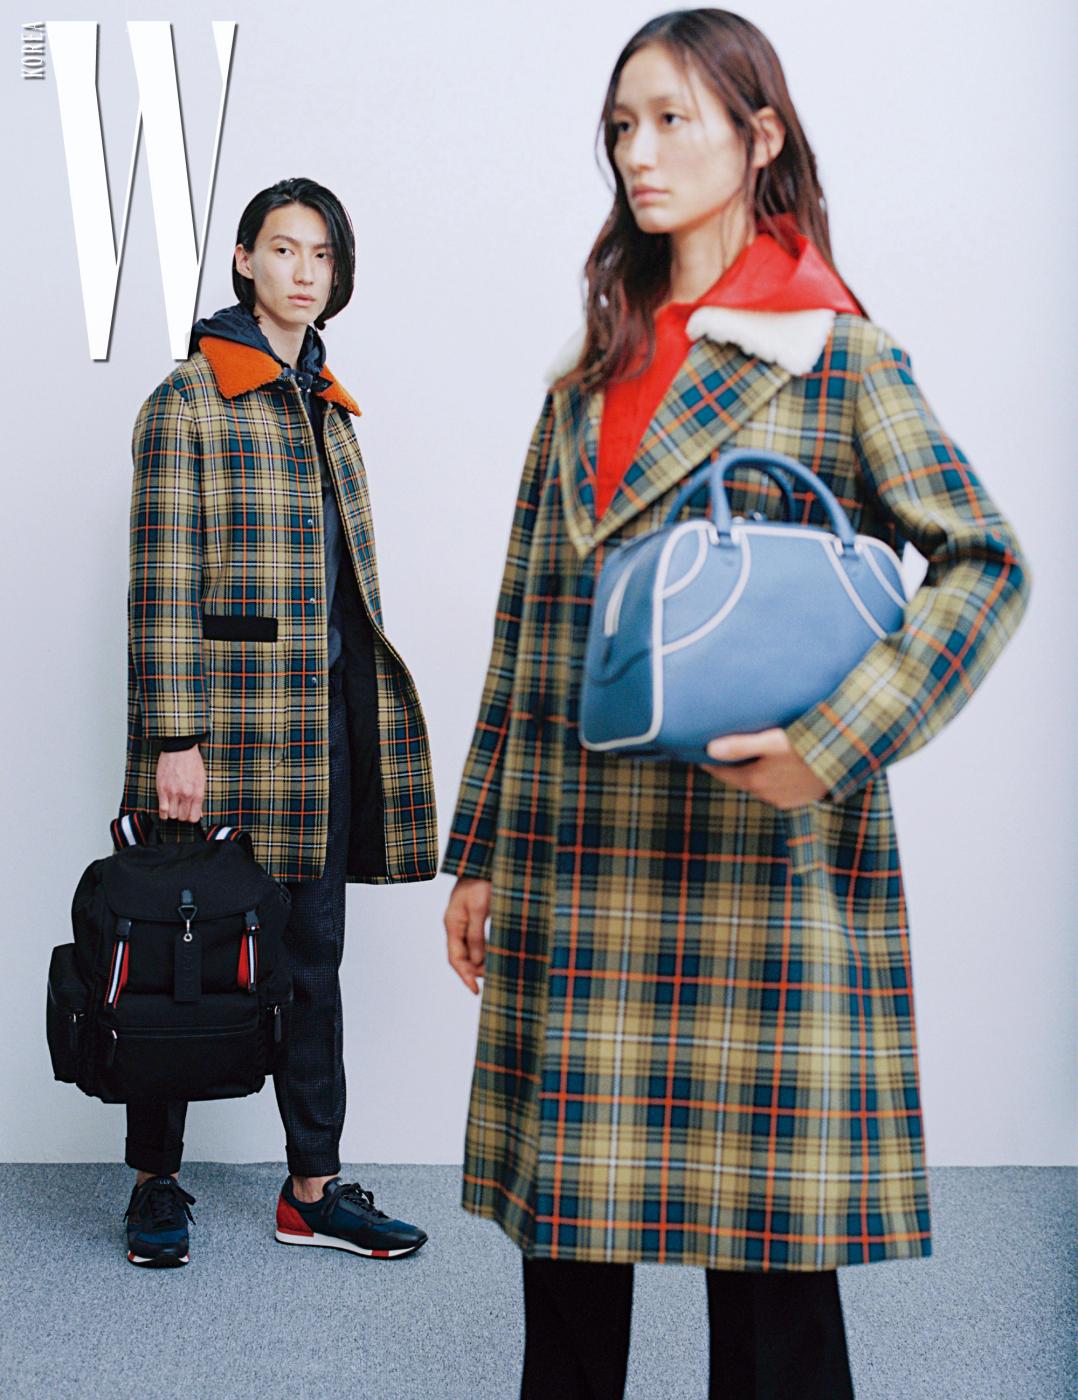 테이가 입은 체크무늬 코트와 가죽 재킷, 검은색 바지, 손에 든 '크루' 백팩, 뒤축에 붉은색 포인트가 있는 '가비노' 스니커즈는 모두 Bally 제품. 박세라가 입은 체크무늬 울 코트와 후드 점퍼, 손에 든 '달린 미듐' 백은 모두 Bally 제품.